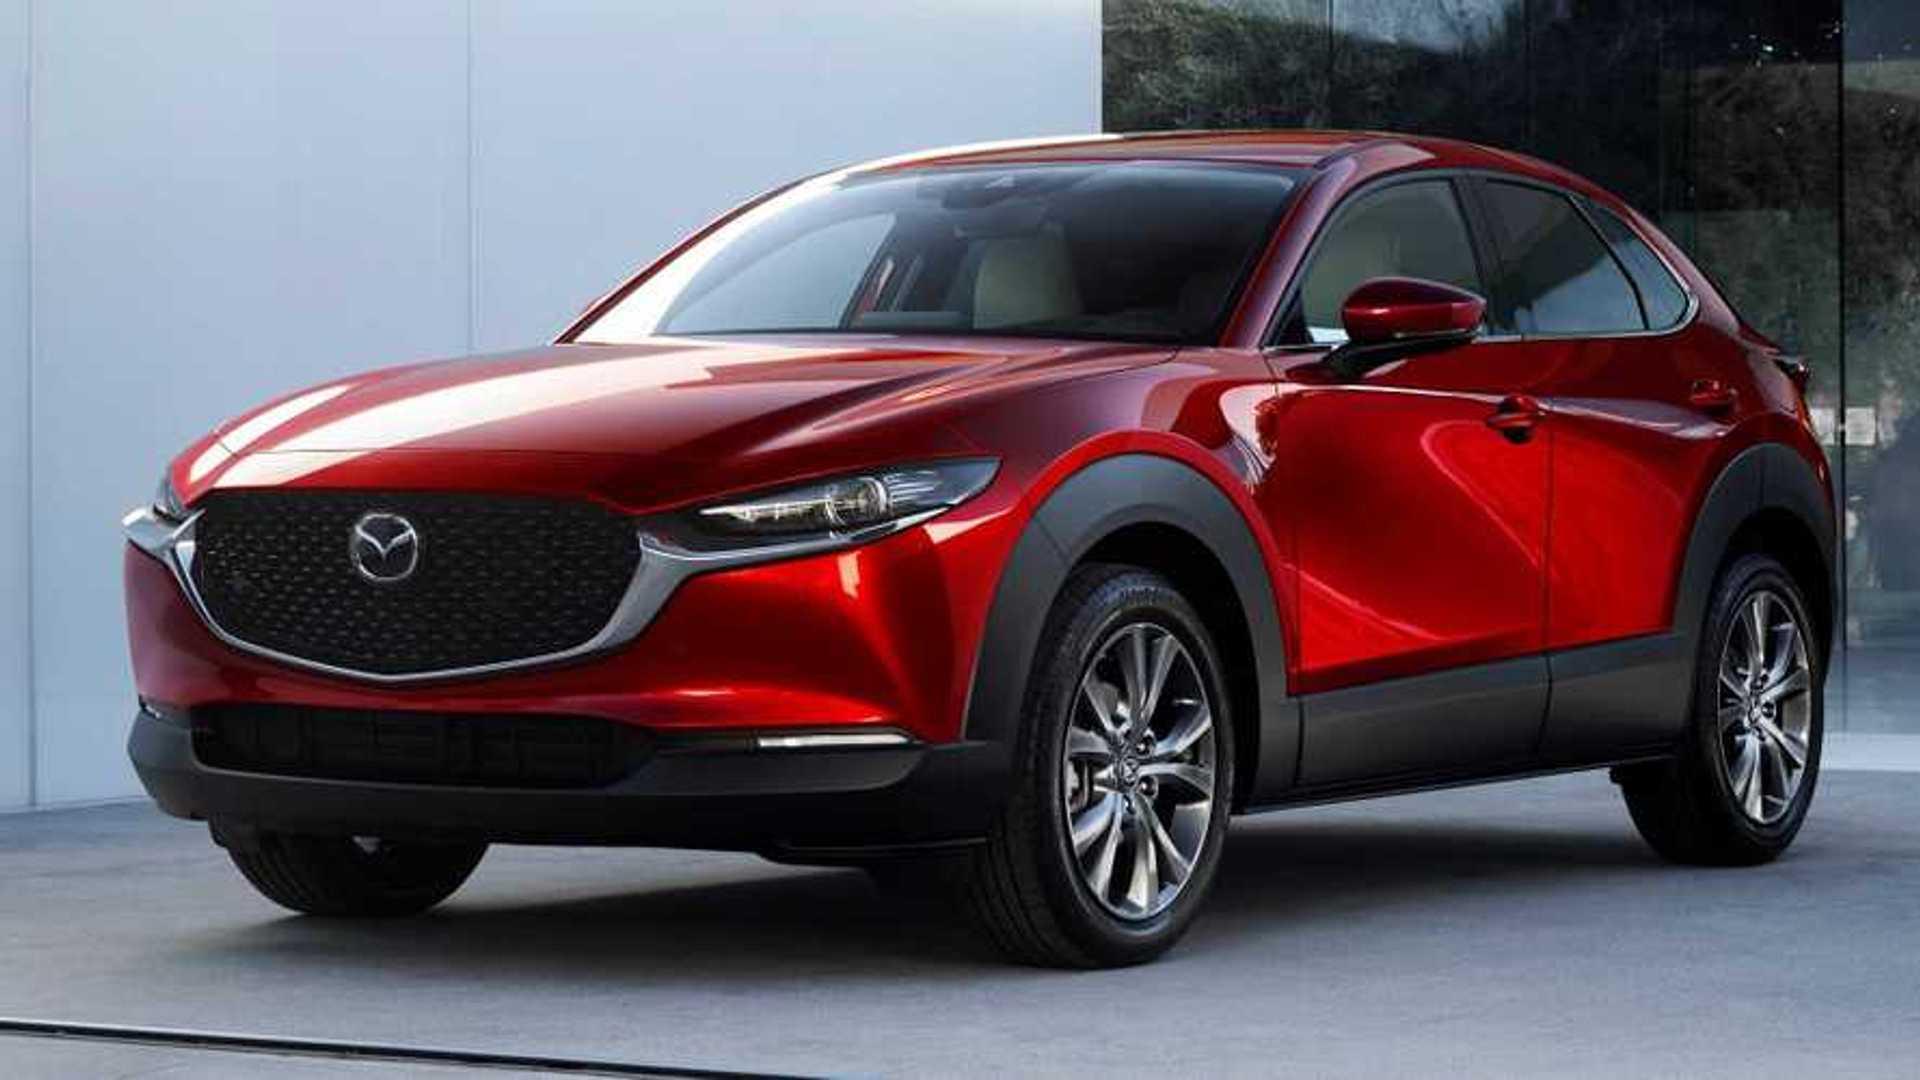 2020 Mazda Cx 5 Review.Mazda Announces Cx 30 And Updated Cx 5 Cx 9 For La Auto Show